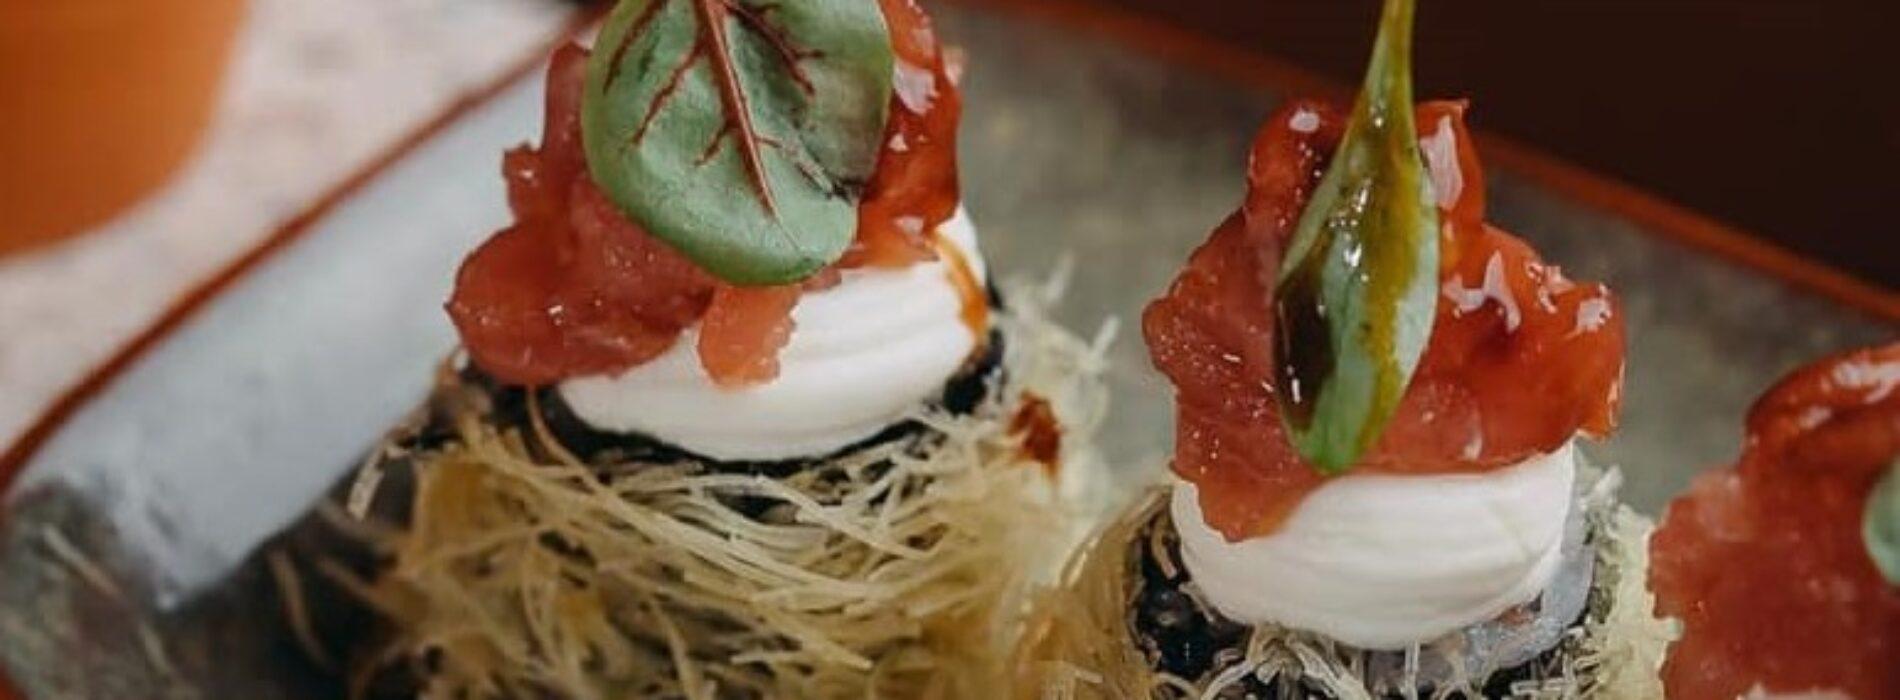 Cantera Roma, ai Parioli il ristorante meat fusion tra tartare di wagyu e sushi roll